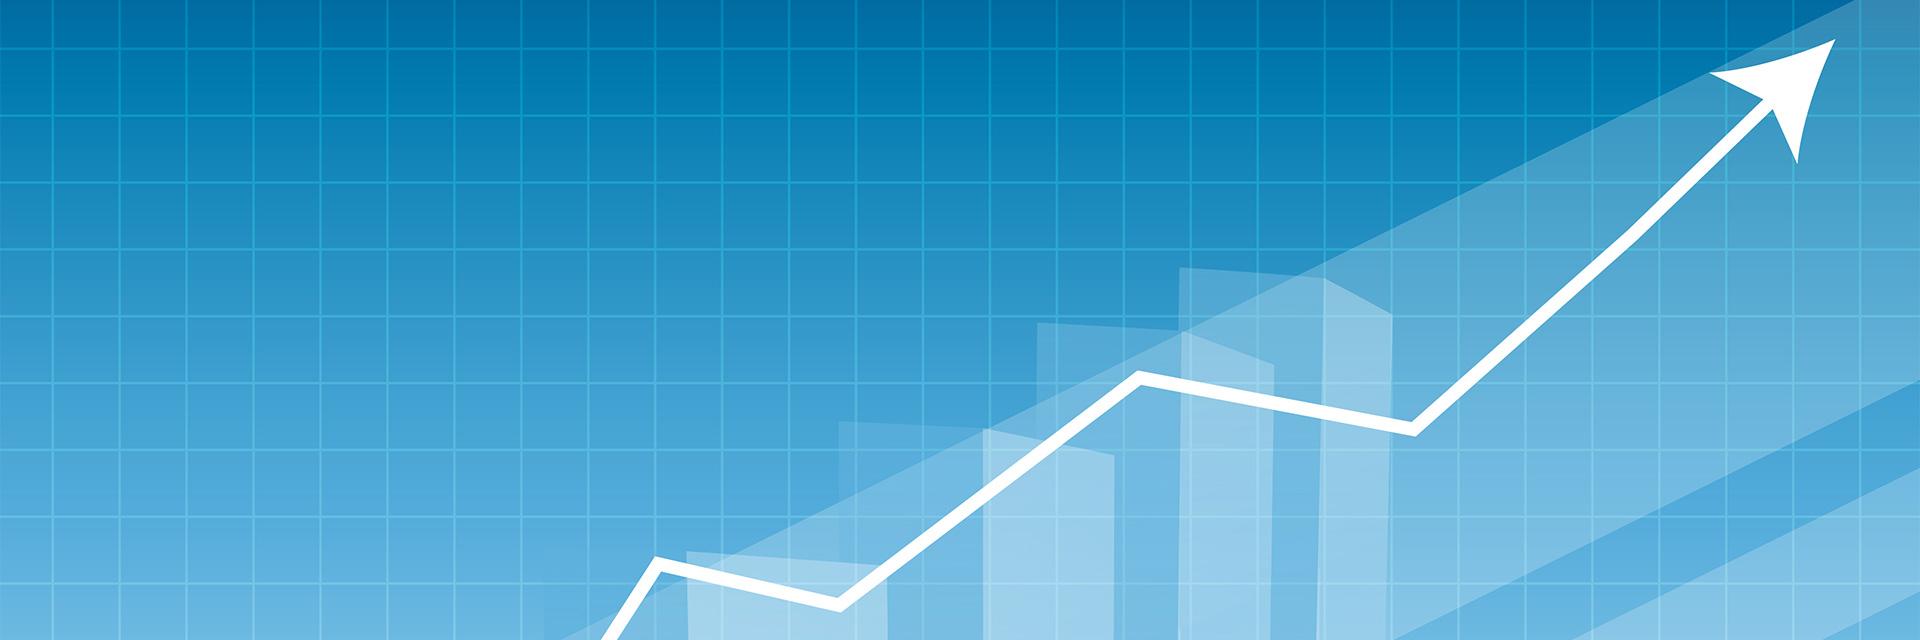 Рынок defi финансов оценивается в 9 биллионов рублей